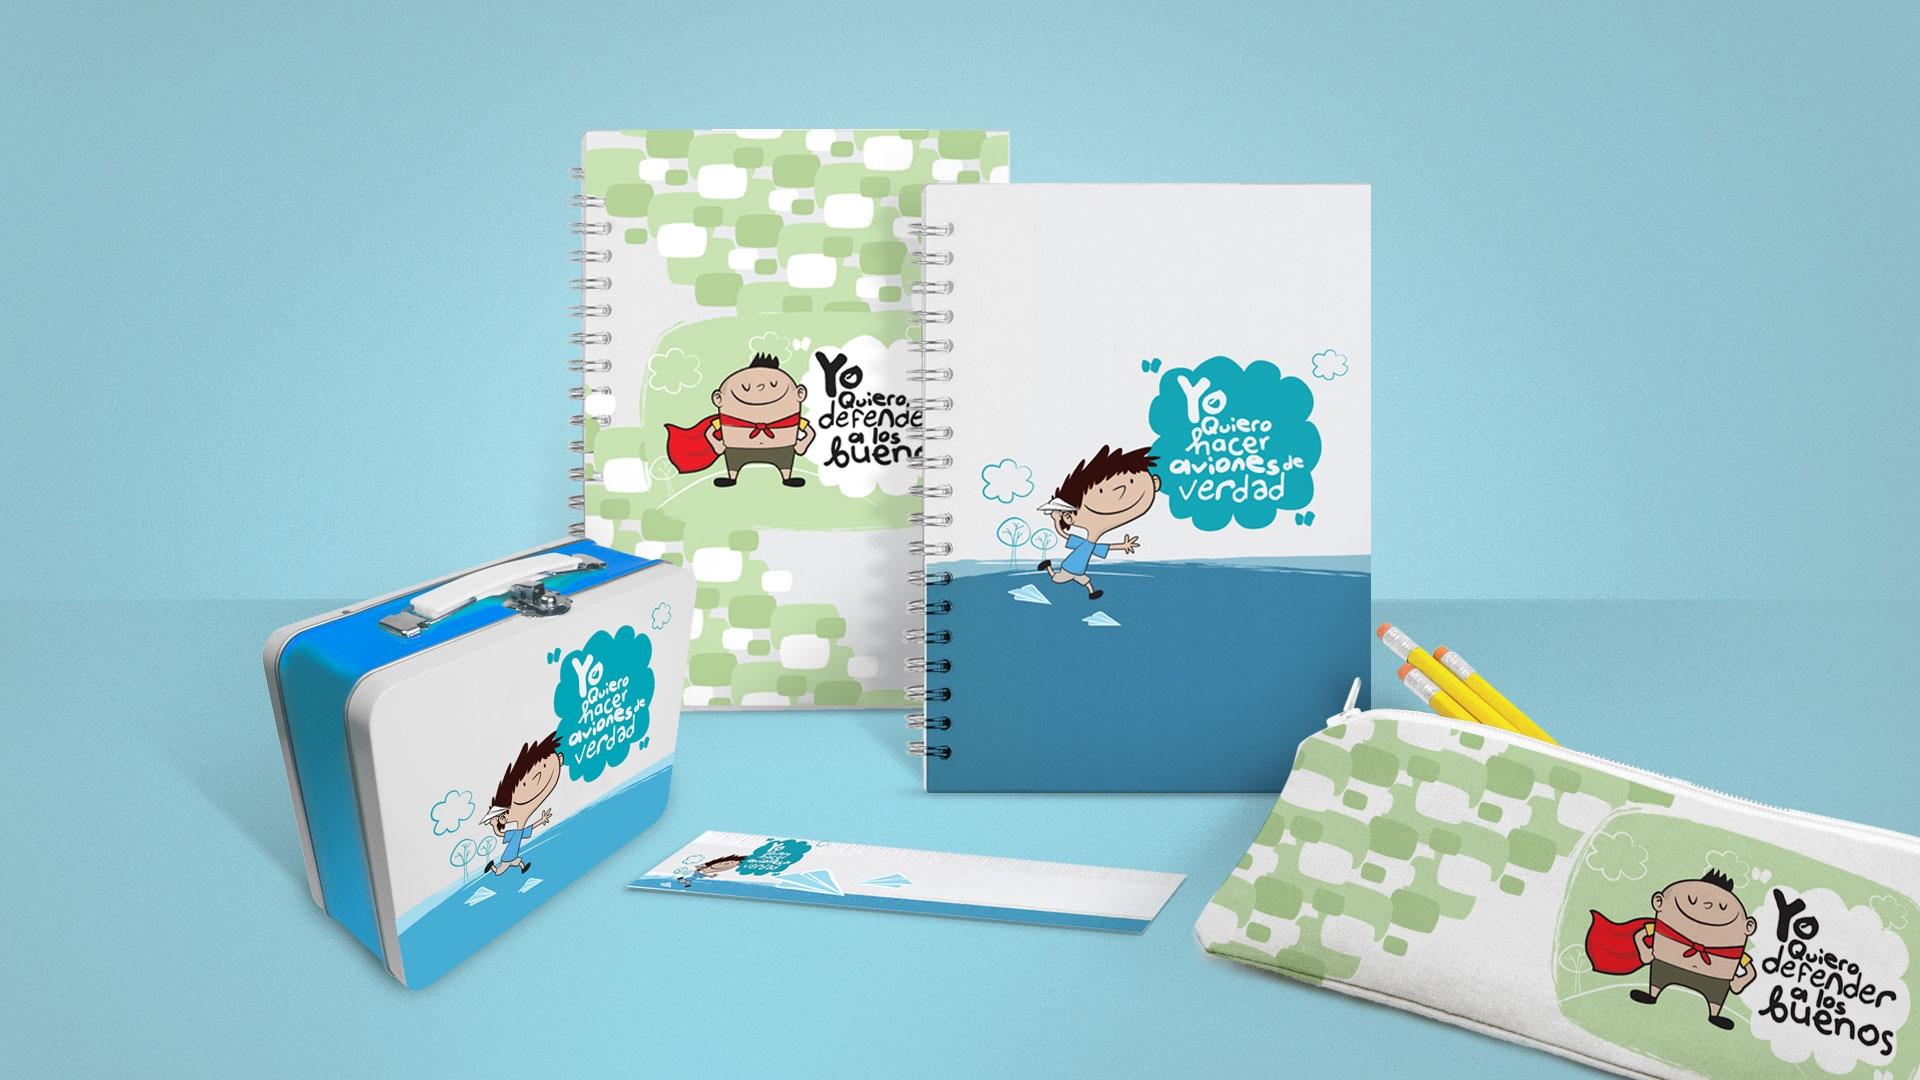 ADOC_escuelas_ilustrado_promocionales1